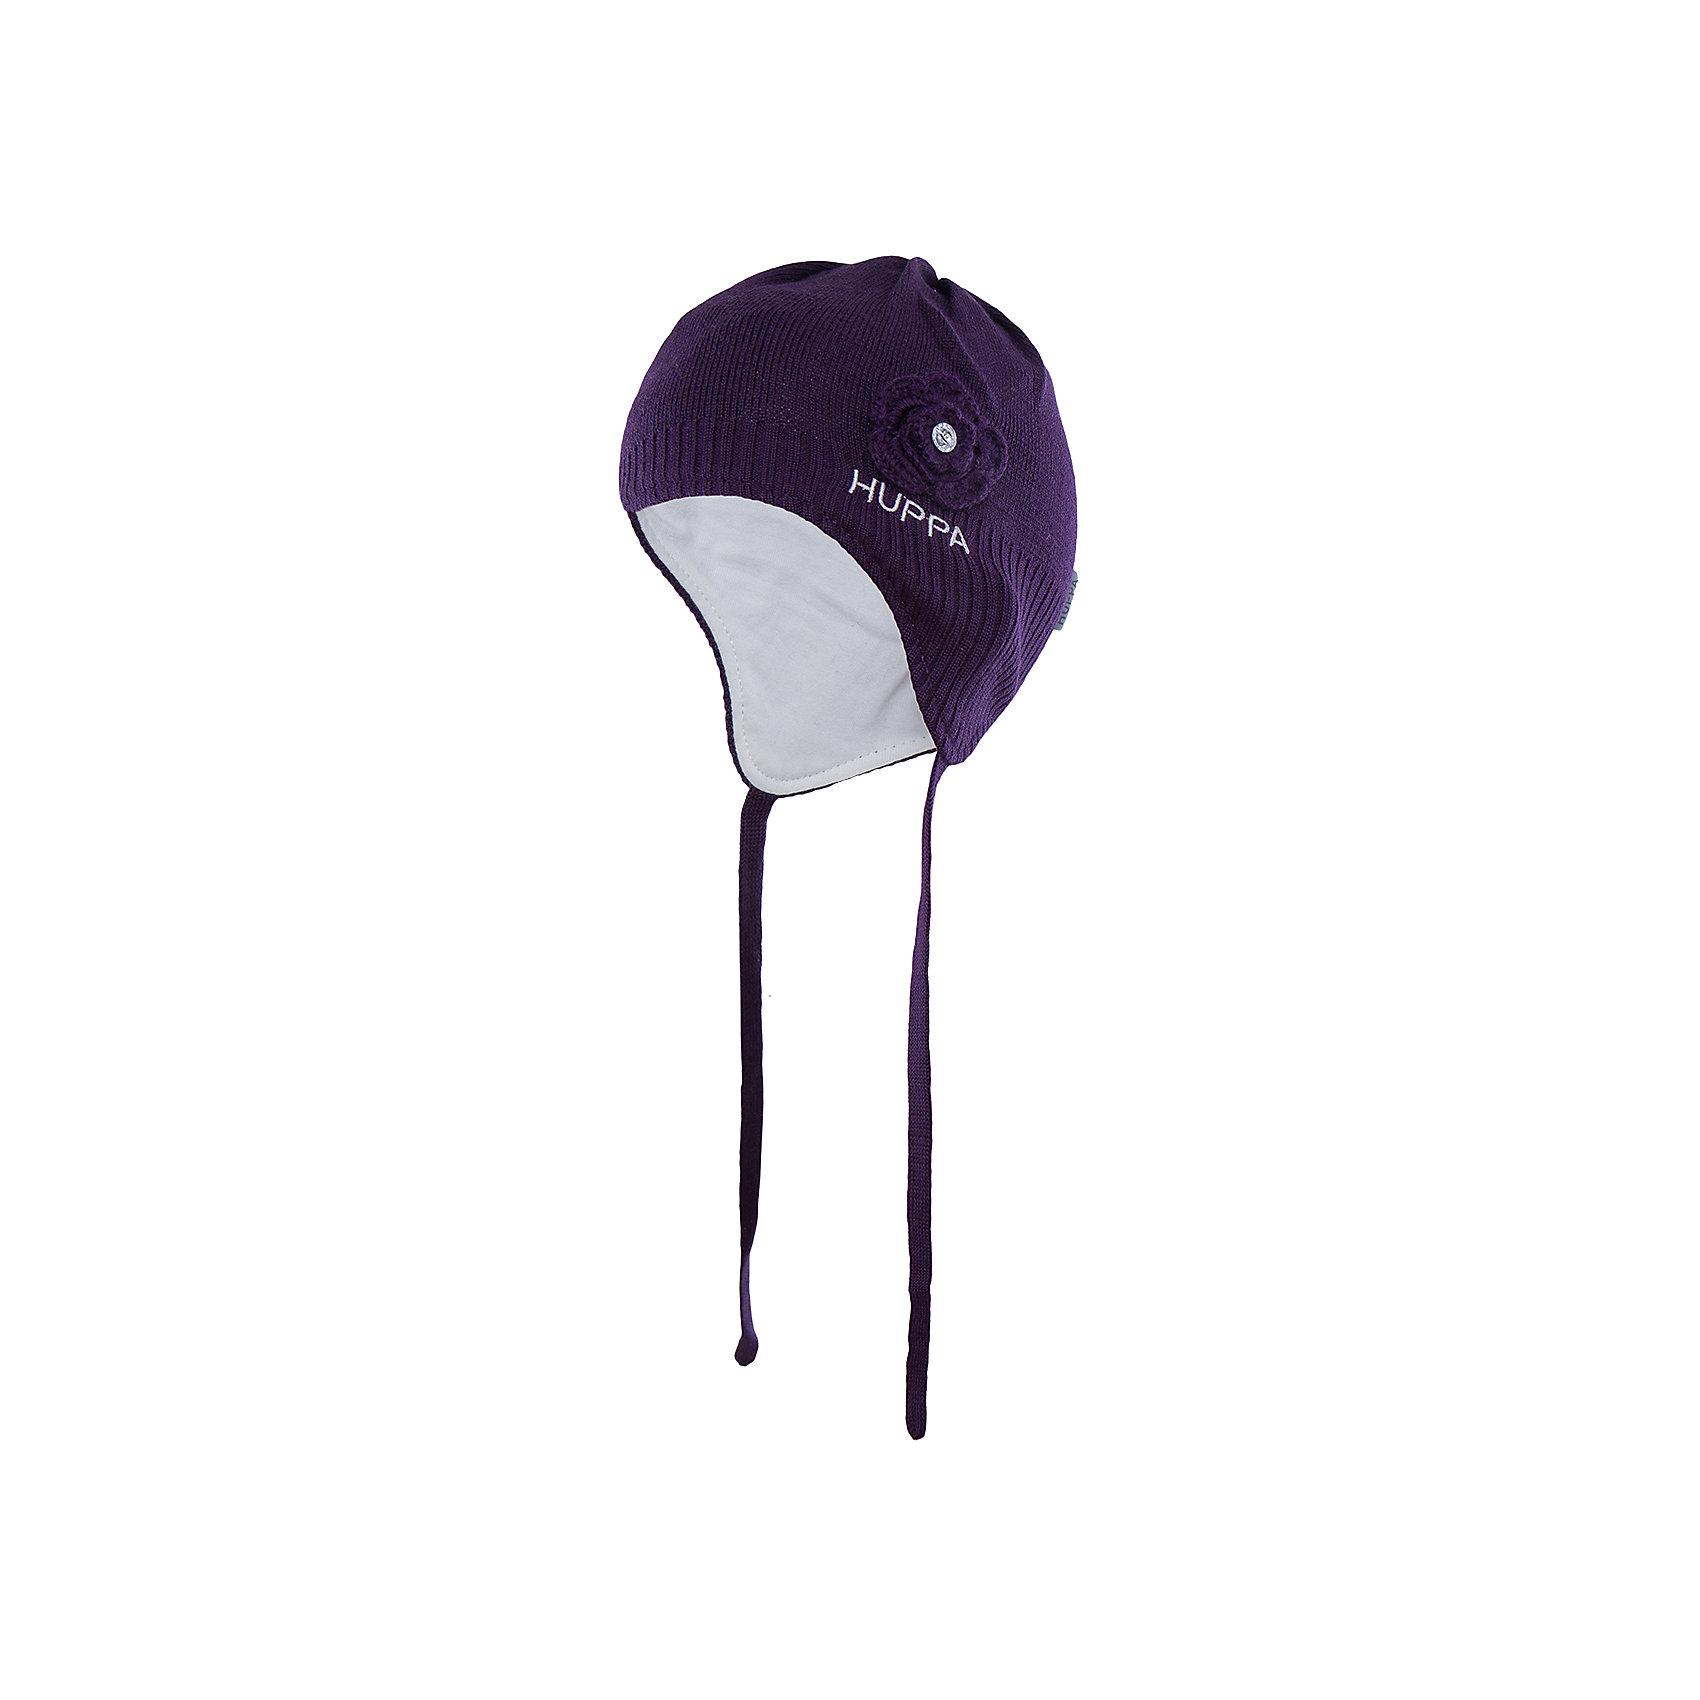 Шапка для девочки HuppaГоловные уборы<br>Вязаная шапка LOORA Huppa(Хуппа) изготовлена из акрила с подкладкой из хлопка. Она отлично согреет девочку и защитит уши от ветра. Шапка имеет завязки и широкую резинку для более надежной фиксации. Модель украшена декоративным цветком со стразой. Прекрасны выбор для юных модниц!<br><br>Дополнительная информация:<br>Материал: 50% шерсть мериноса, 50% акрил<br>Подкладка: хлопок<br>Цвет: темно-лиловый<br><br>Вы можете приобрести шапку LOORA Huppa(Хуппа) в нашем интернет-магазине.<br><br>Ширина мм: 89<br>Глубина мм: 117<br>Высота мм: 44<br>Вес г: 155<br>Цвет: фиолетовый<br>Возраст от месяцев: 9<br>Возраст до месяцев: 12<br>Пол: Женский<br>Возраст: Детский<br>Размер: 43-45,51-53,47-49<br>SKU: 4923838